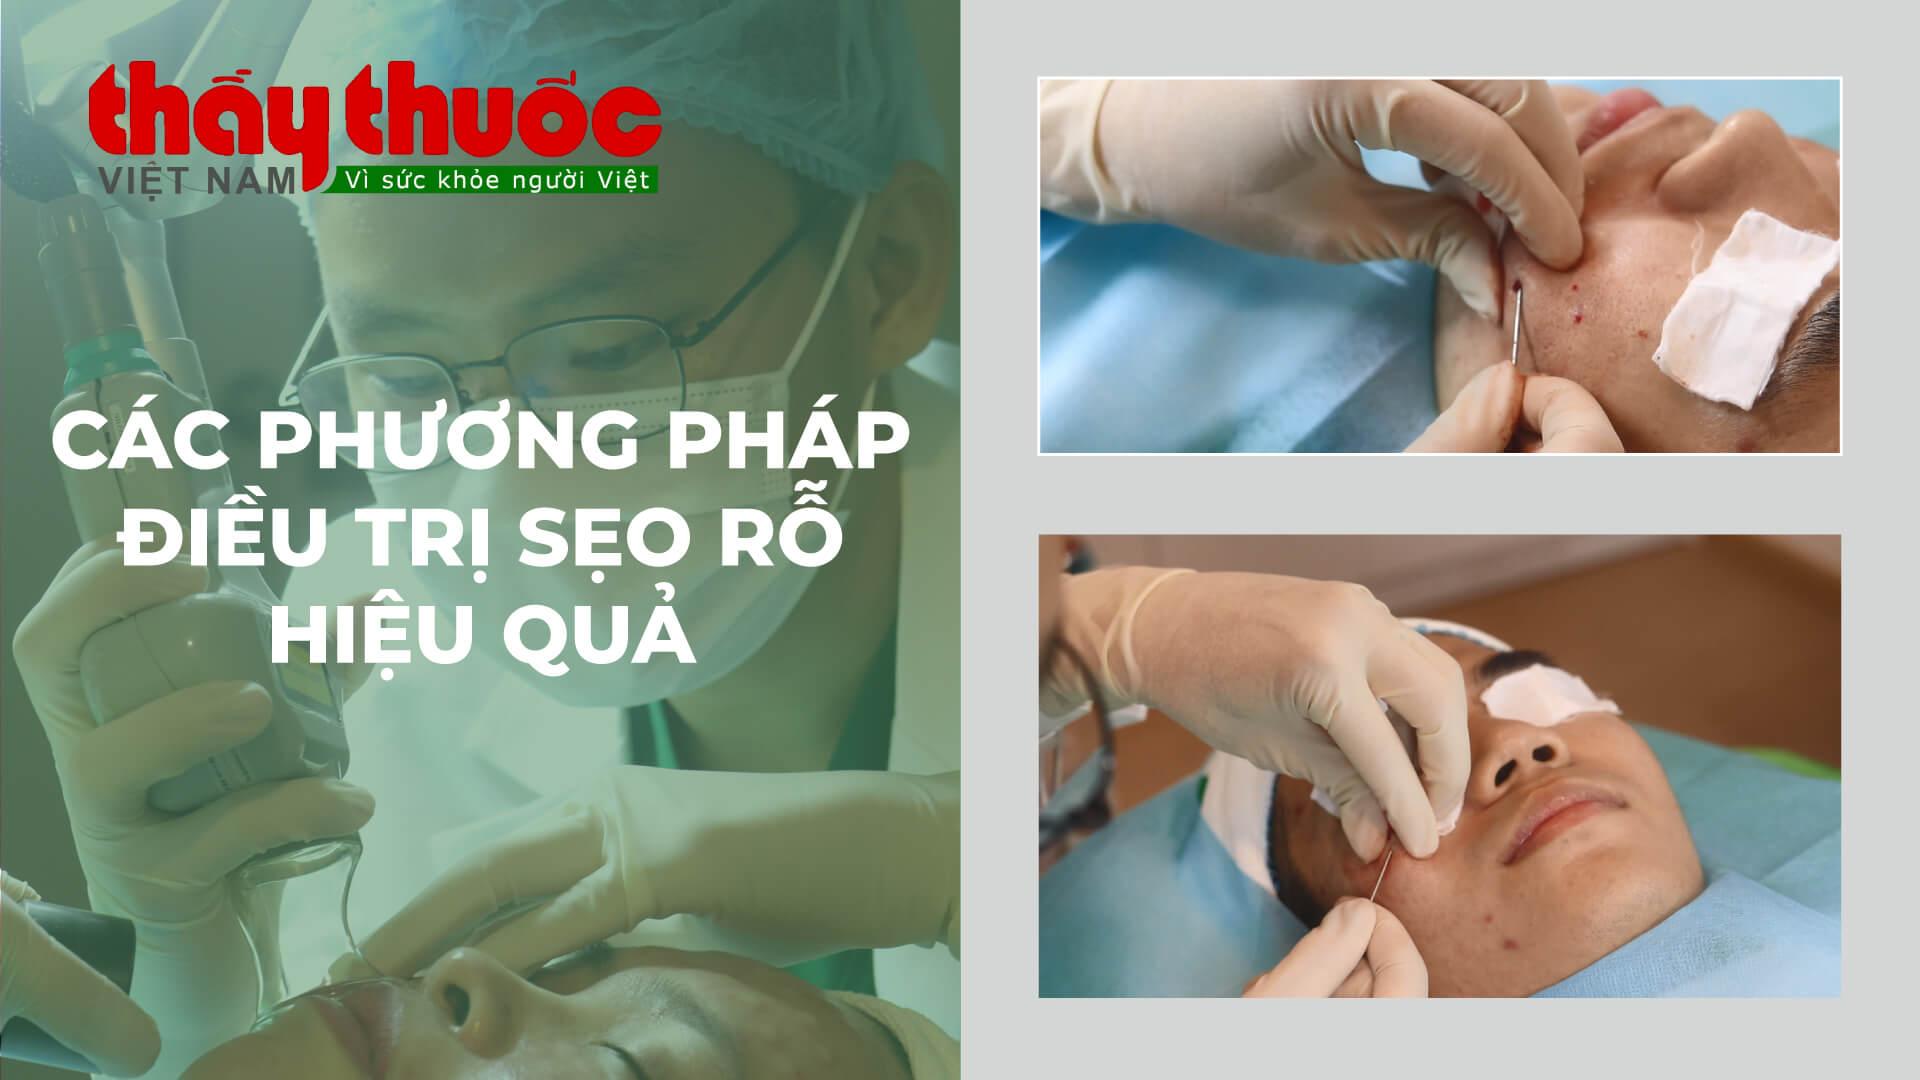 thaythuocvietnam các phương pháp điều trị sẹo rỗ hiệu quả